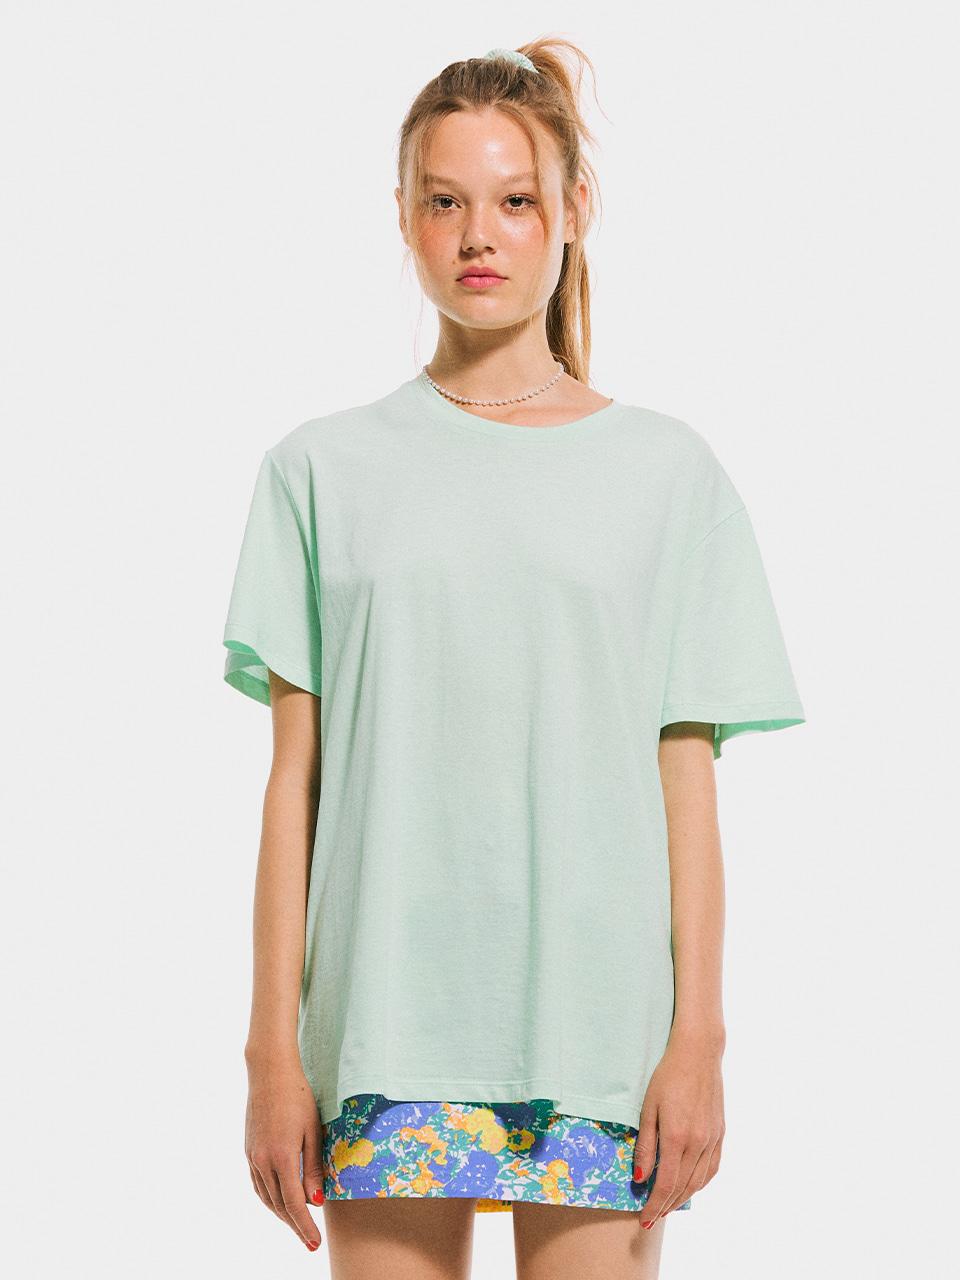 Boxy T shirt_Melon